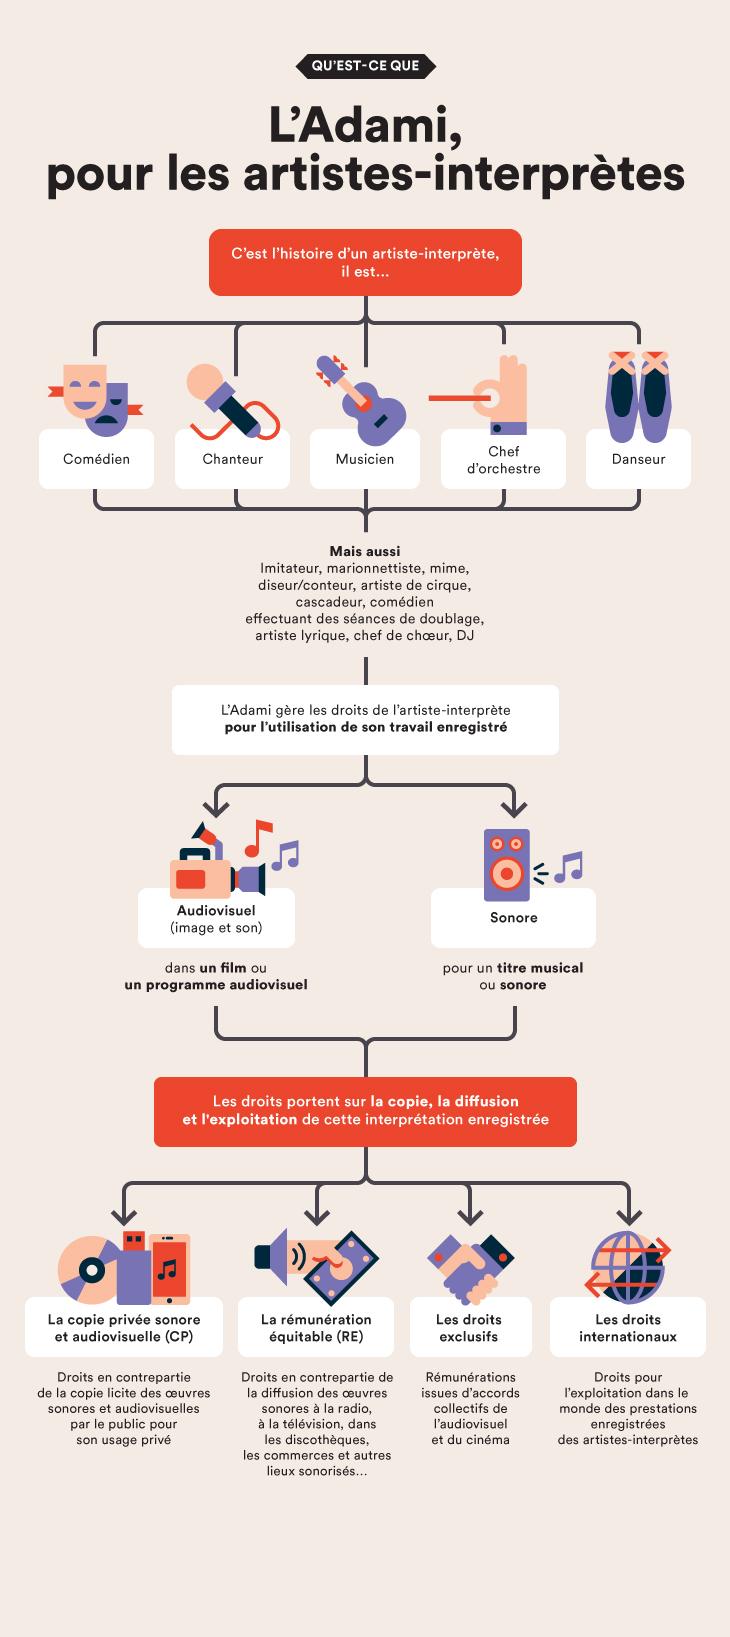 Infographie L'Adami pour les artistes-interprètes